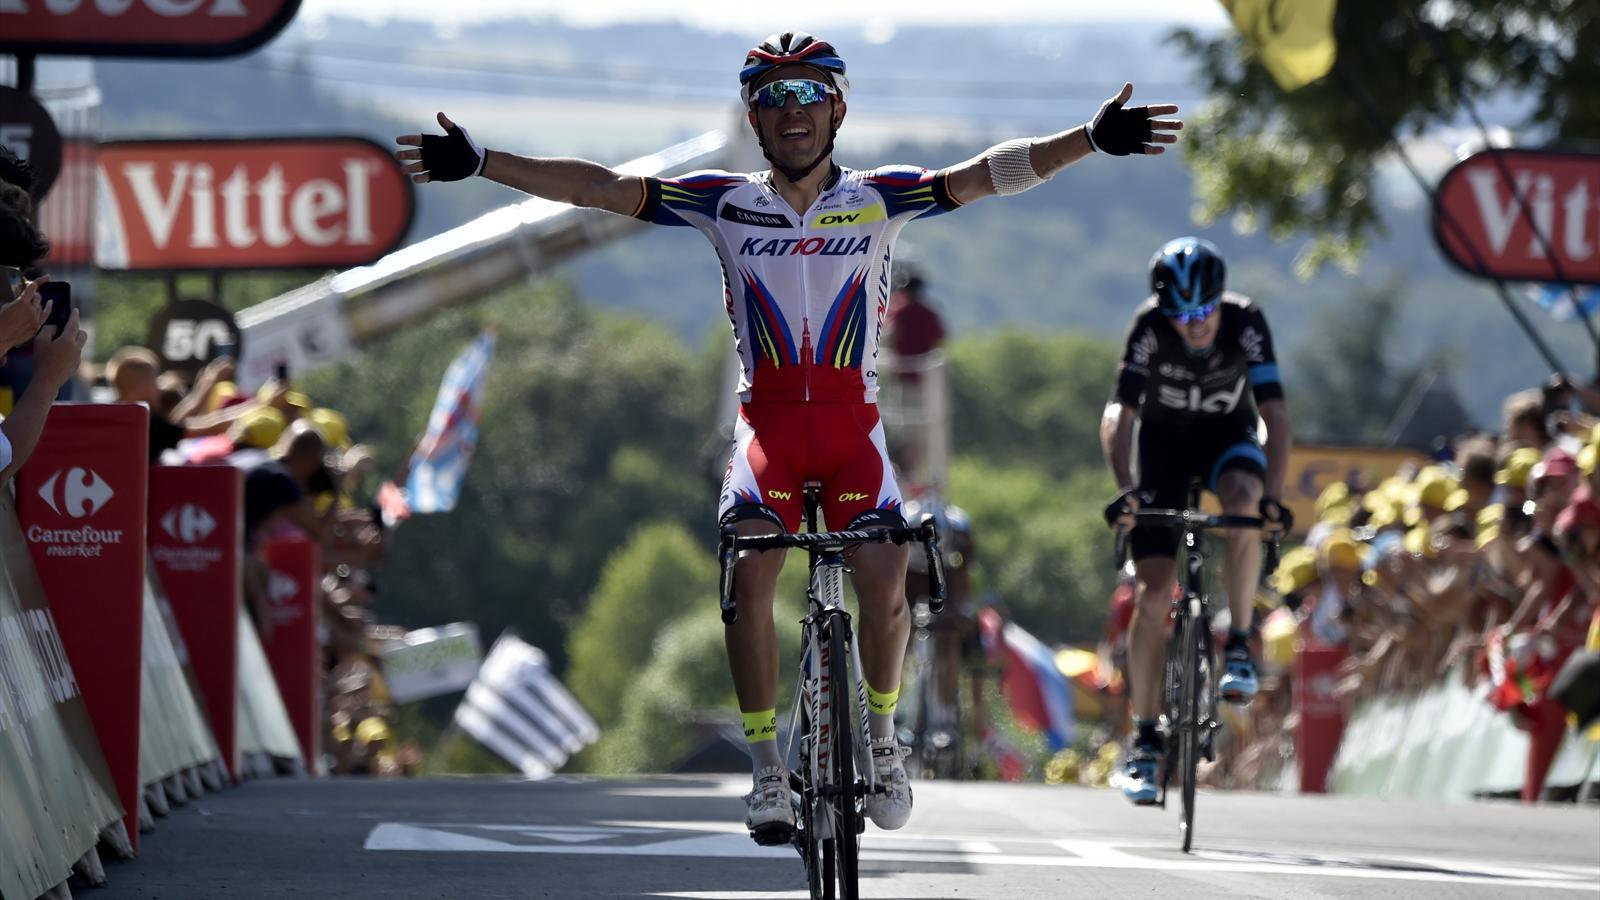 Joaquim Rodriguez s'impose au Mur de Huy lors de la 2e étape du Tour 2015